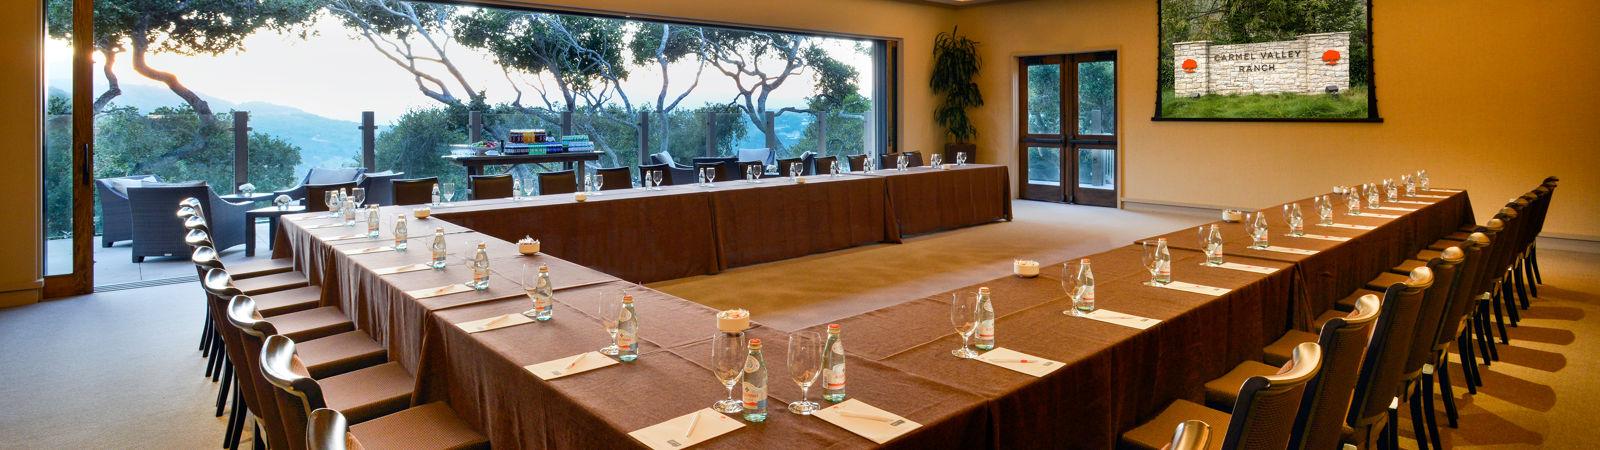 Carmel Valley Ranch Meeting Room